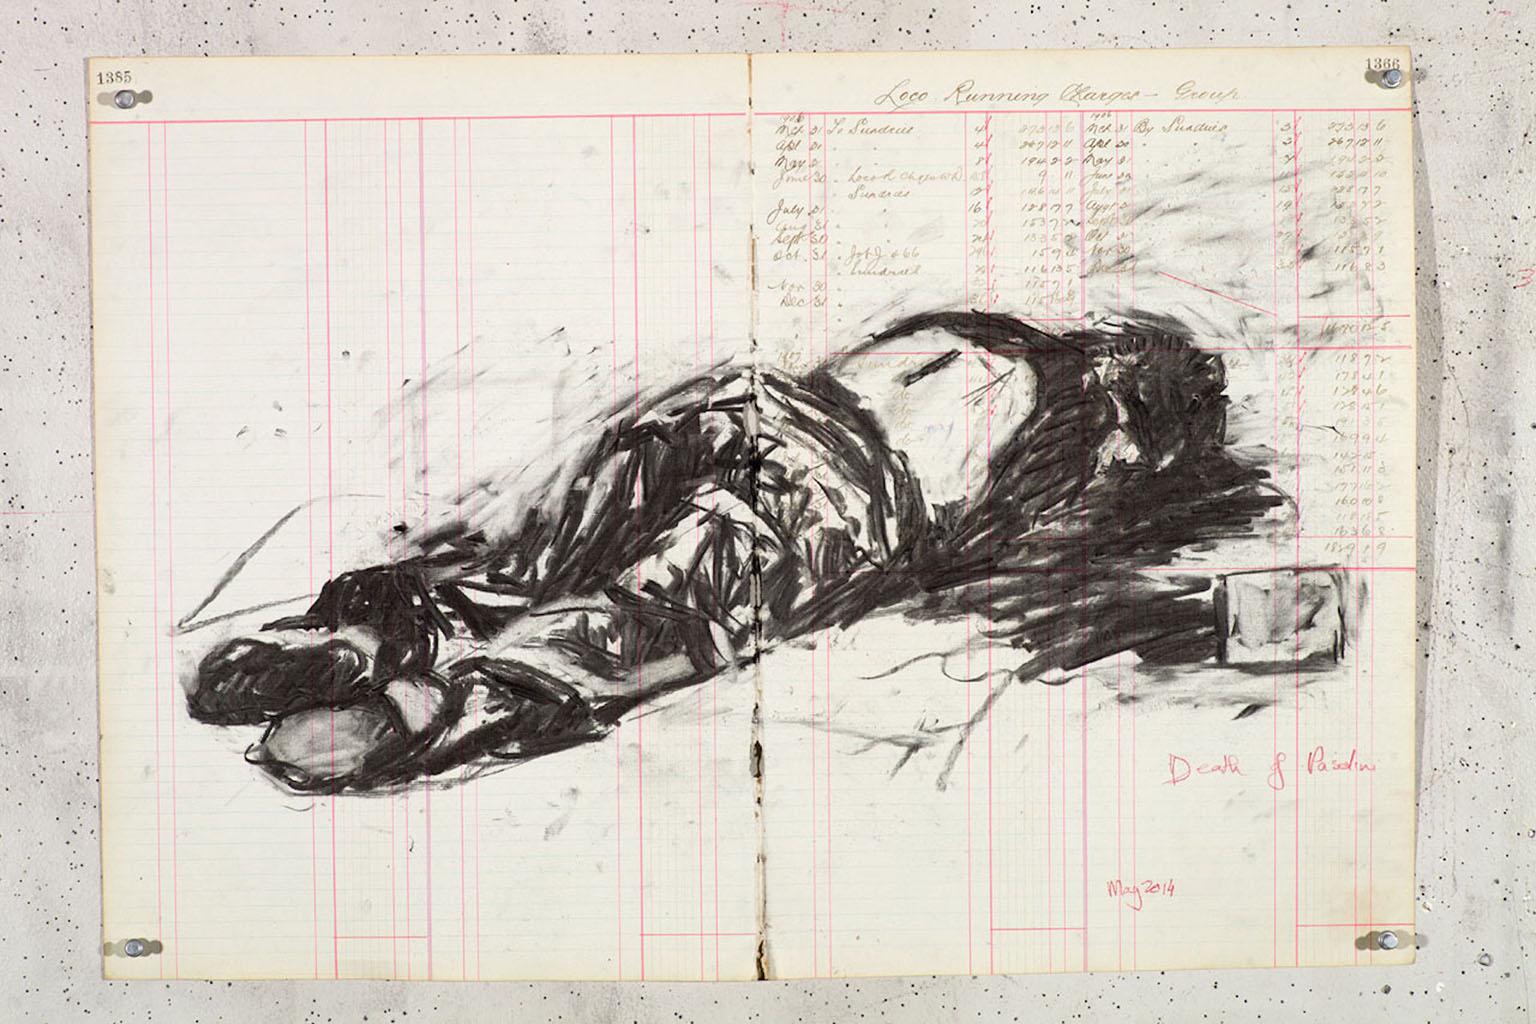 L'angolo più bello di Artissima 2019 e il racconto della morte di Pier Paolo Pasolini